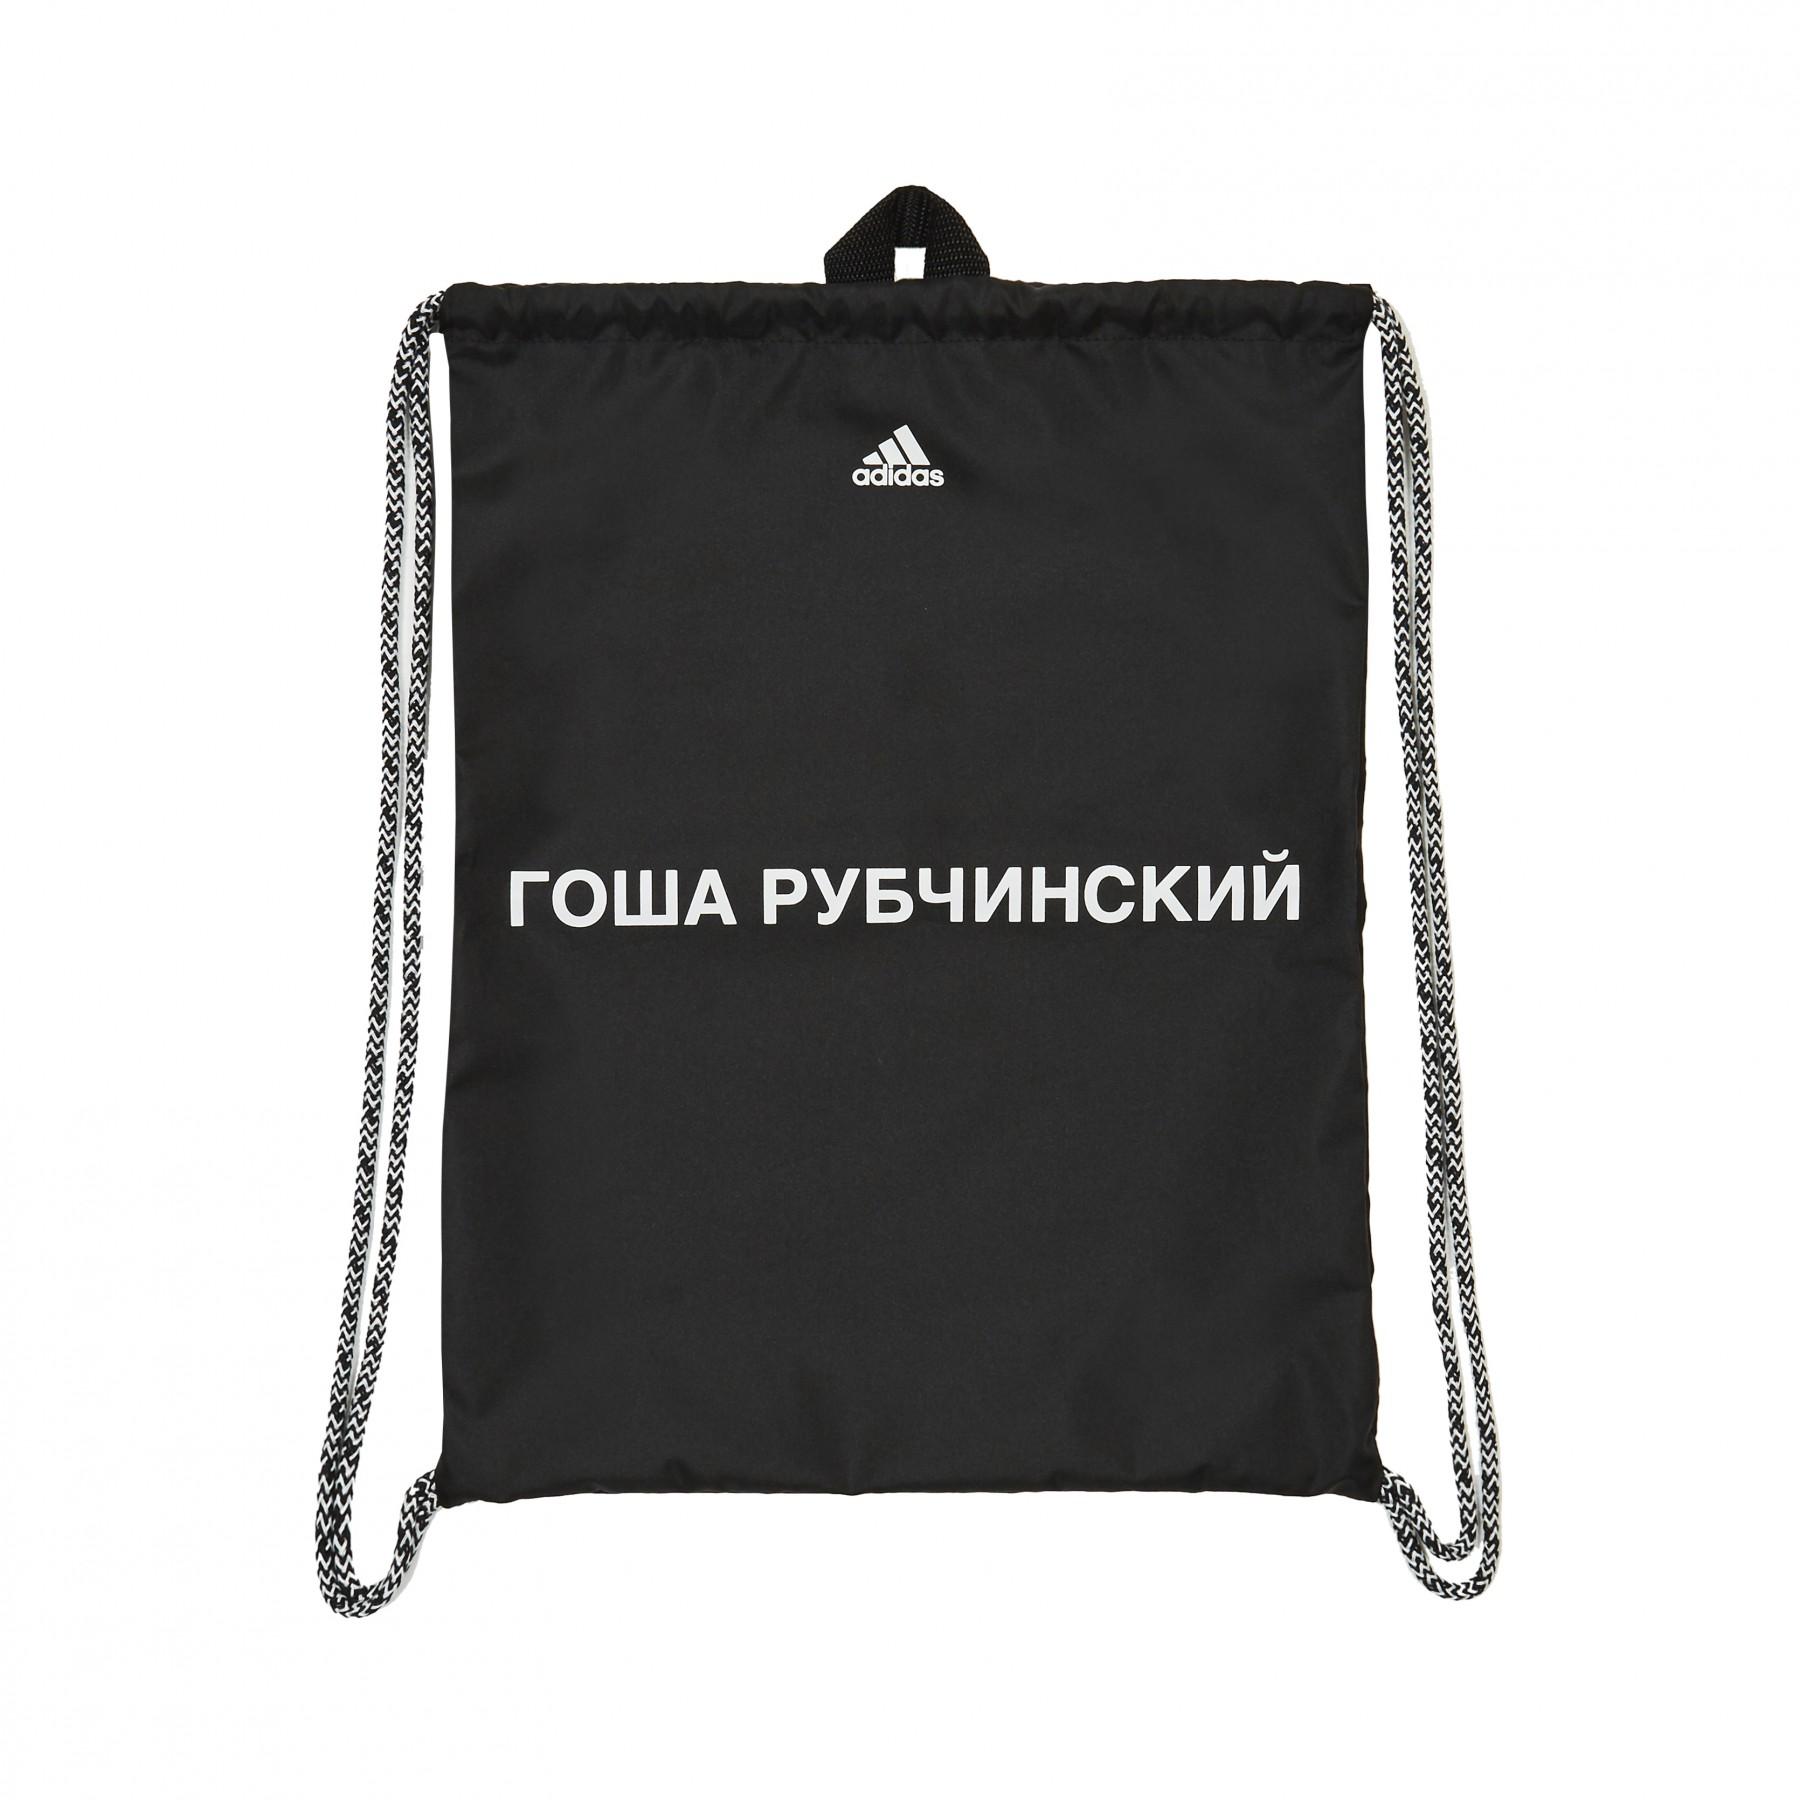 27c6171e6f547a Adidas Gym Bags | The Shred Centre